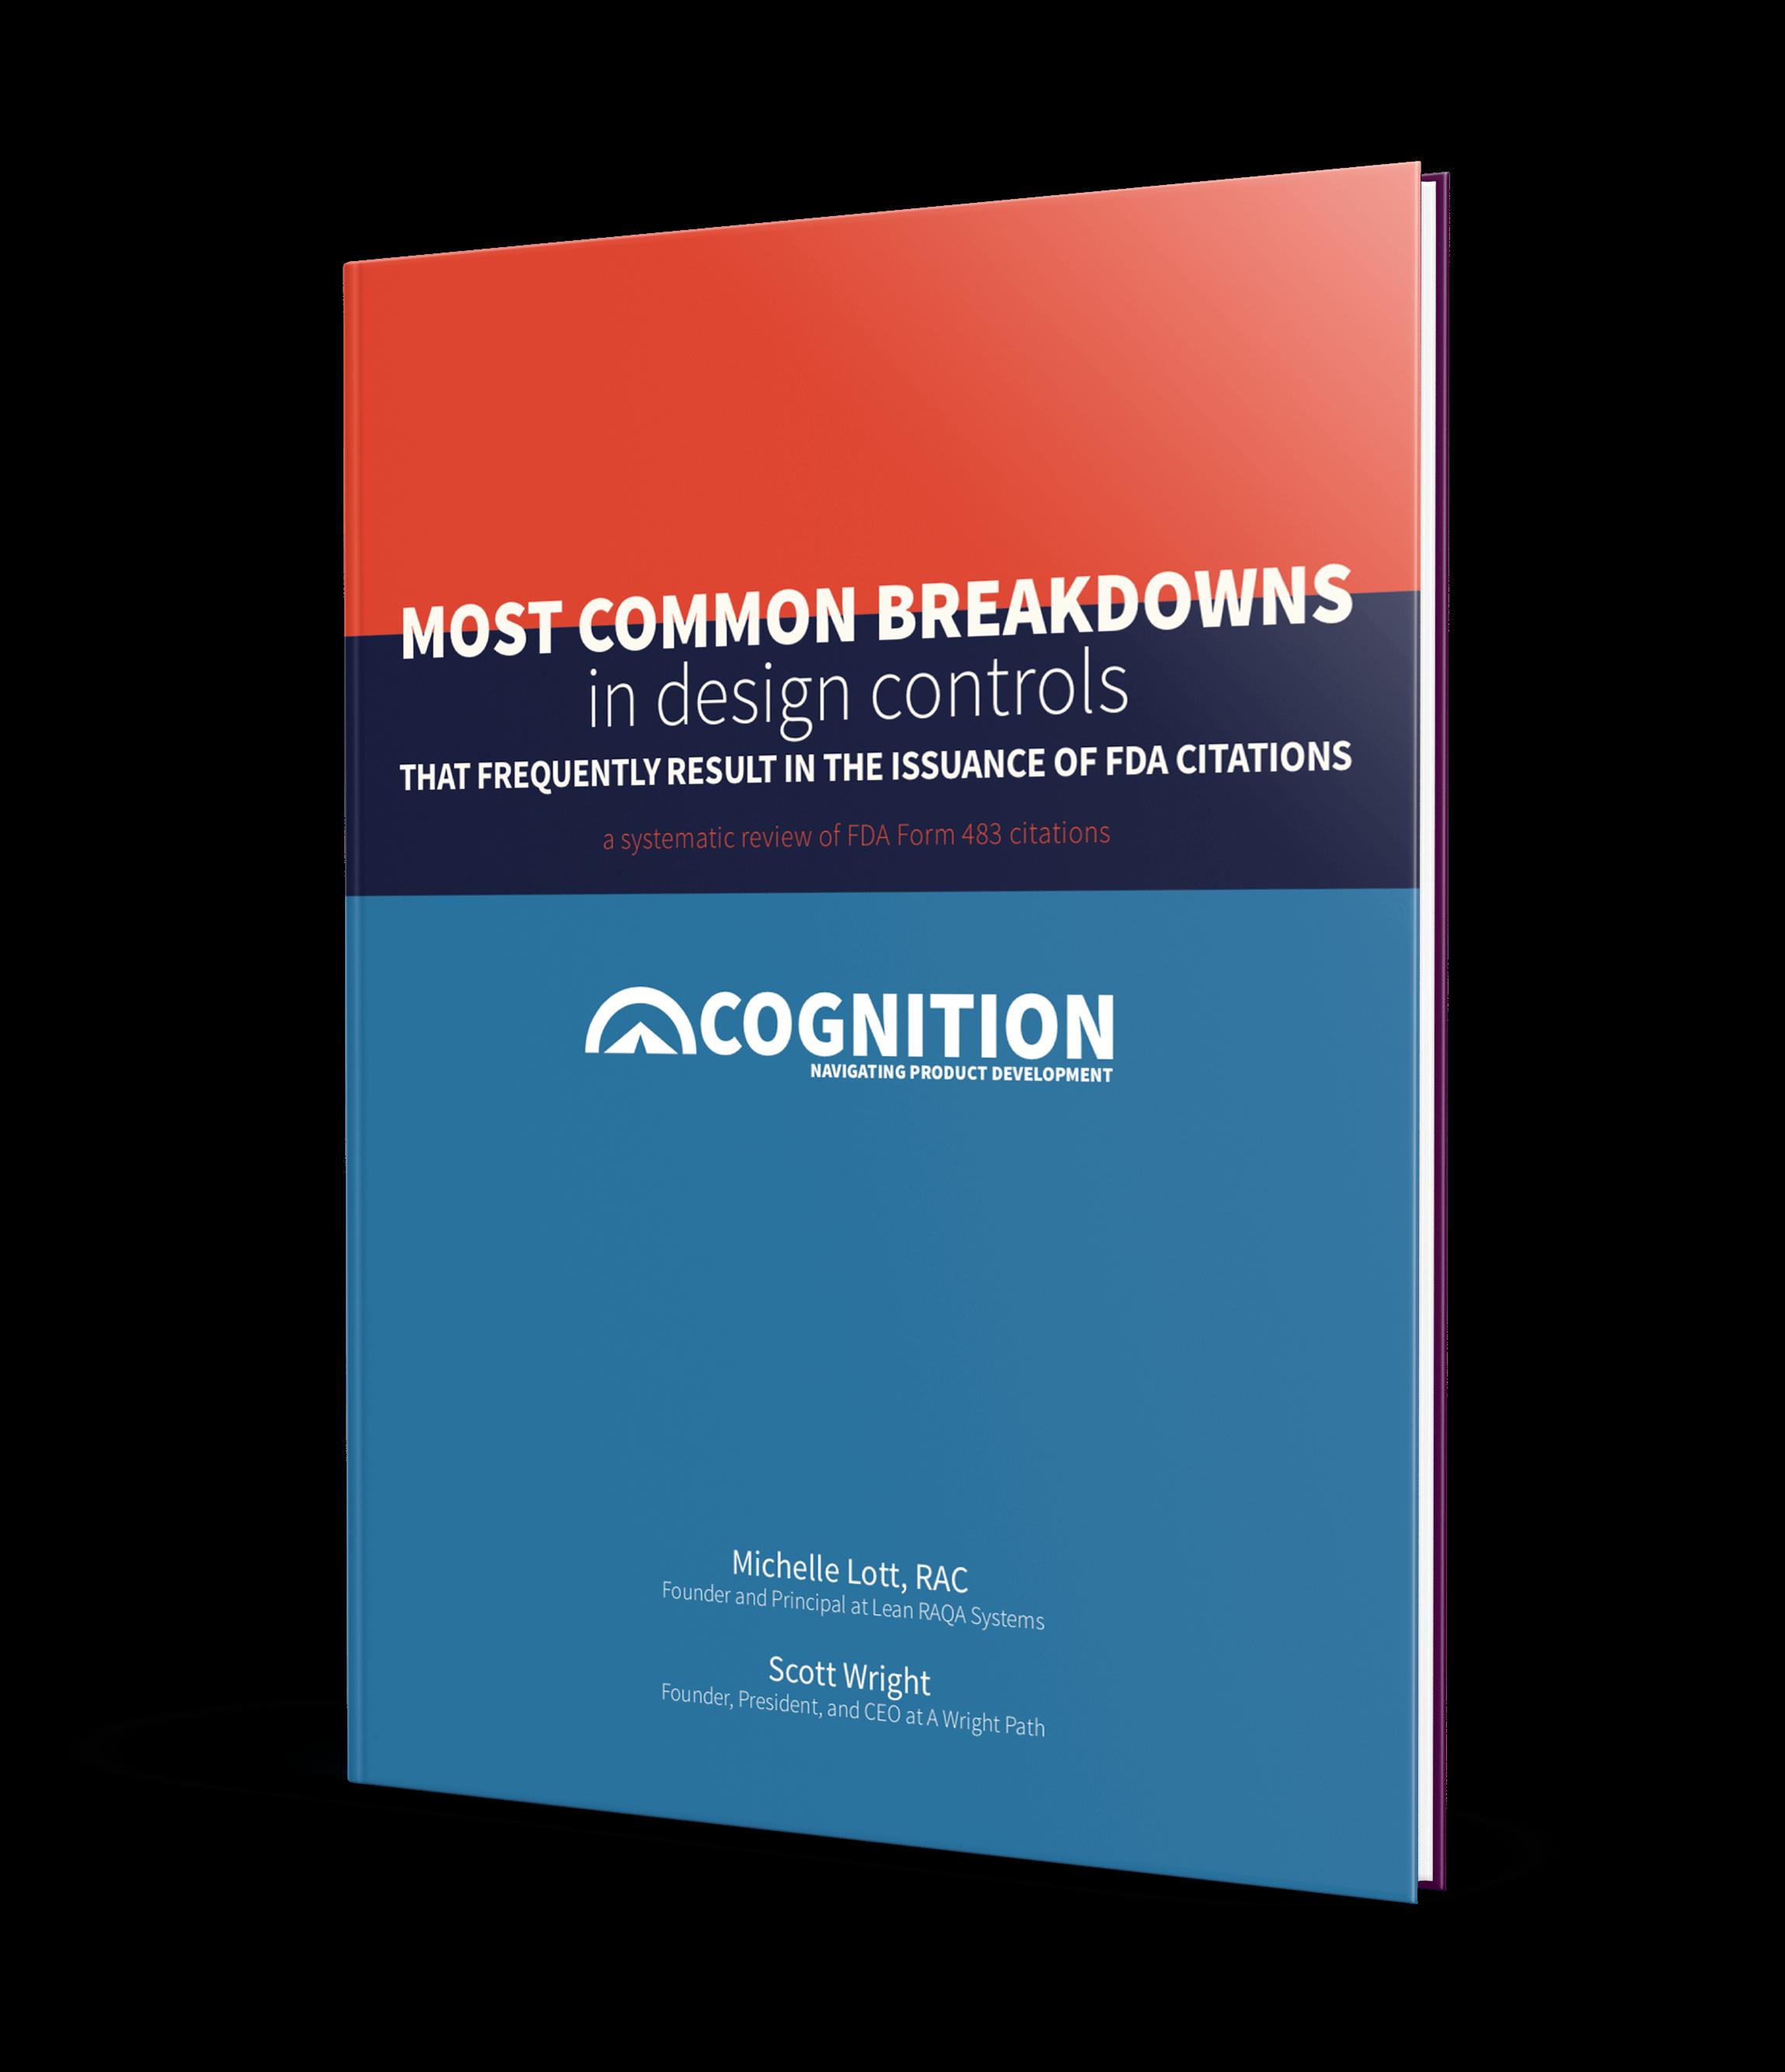 Cognition Corporation Design Controls White Paper Series: Part 2 - Design Controls